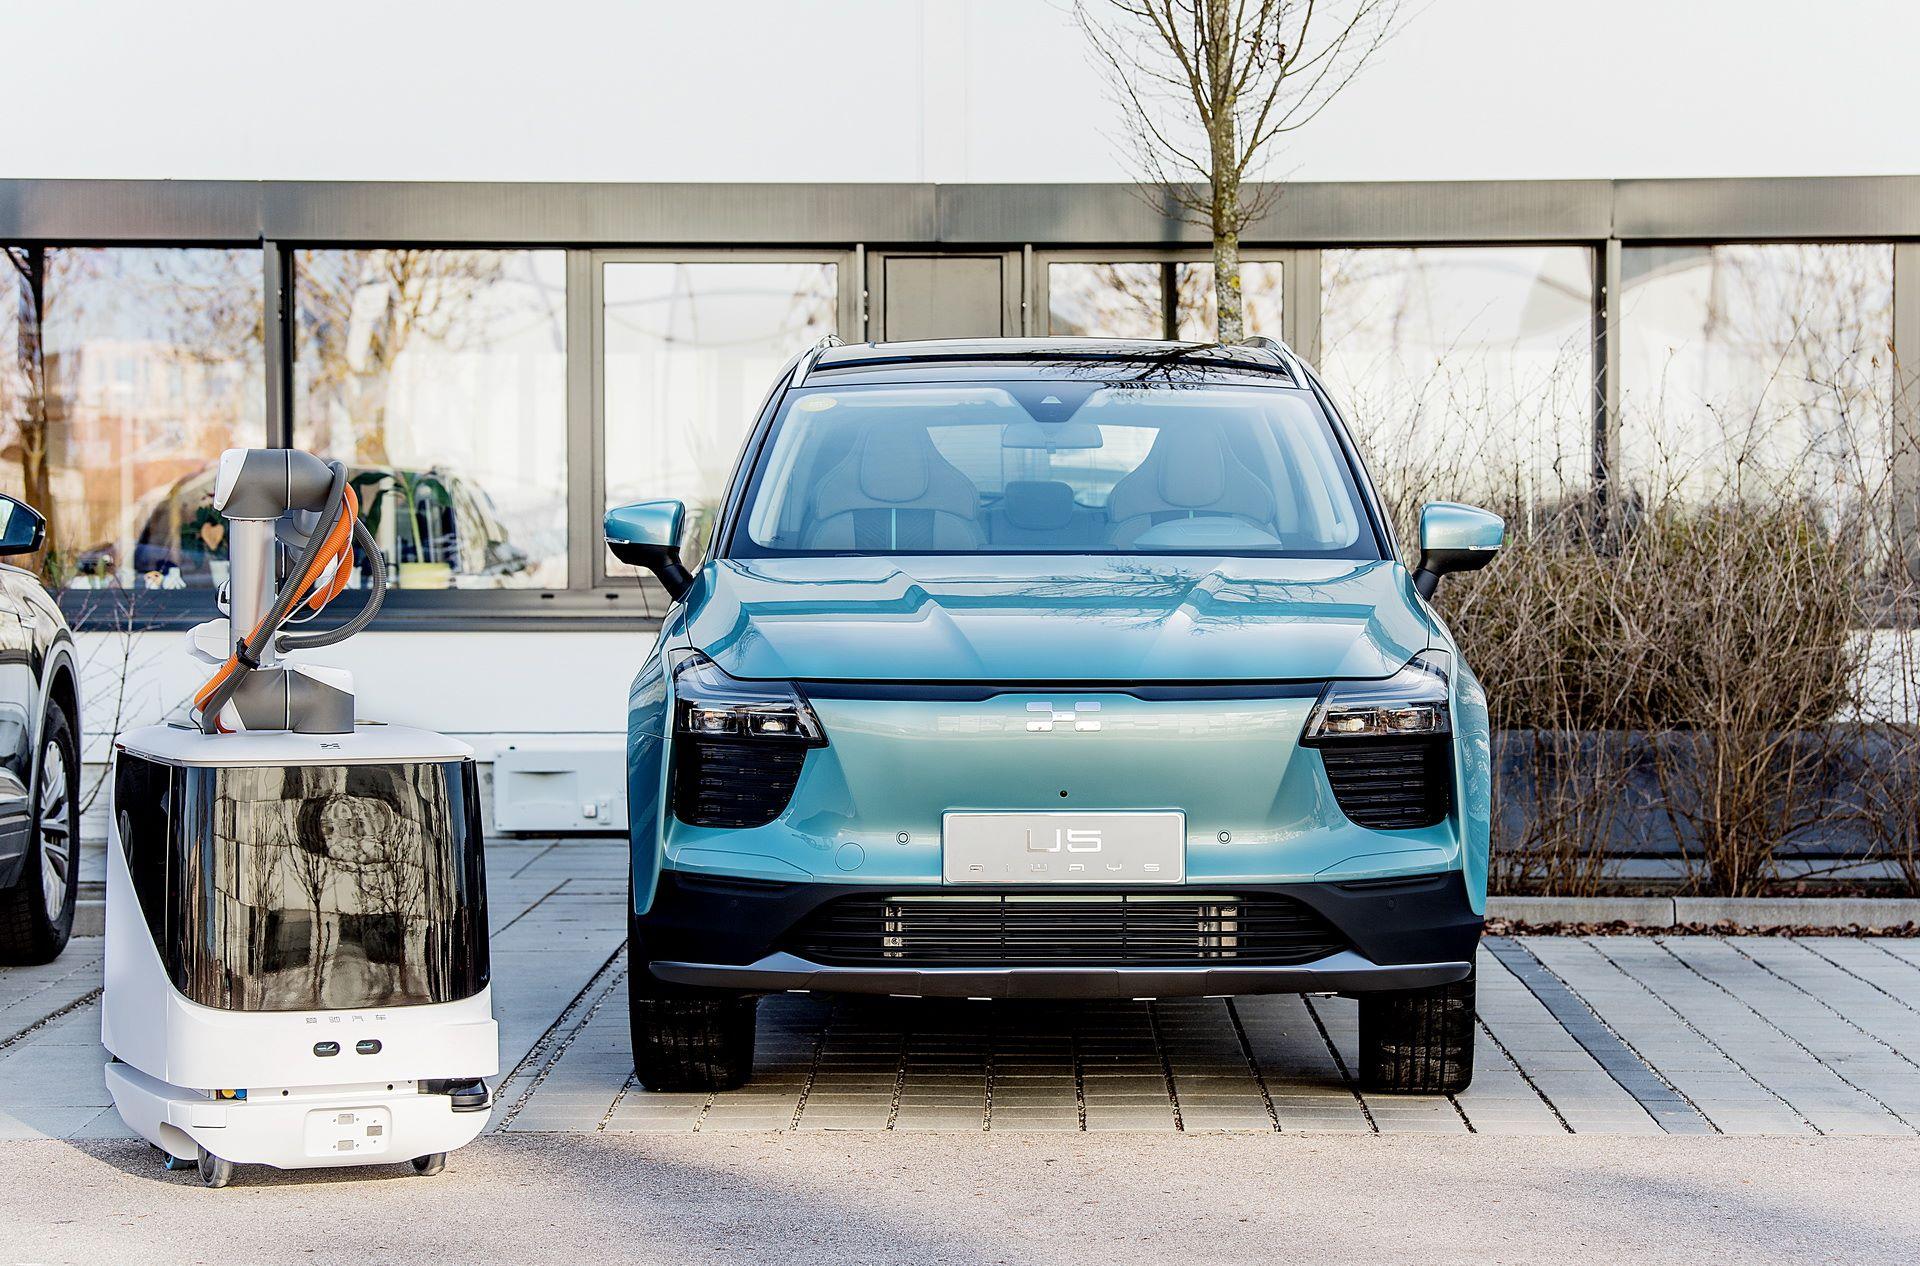 aiways-carl-autonomous-ev-charging-robot-1